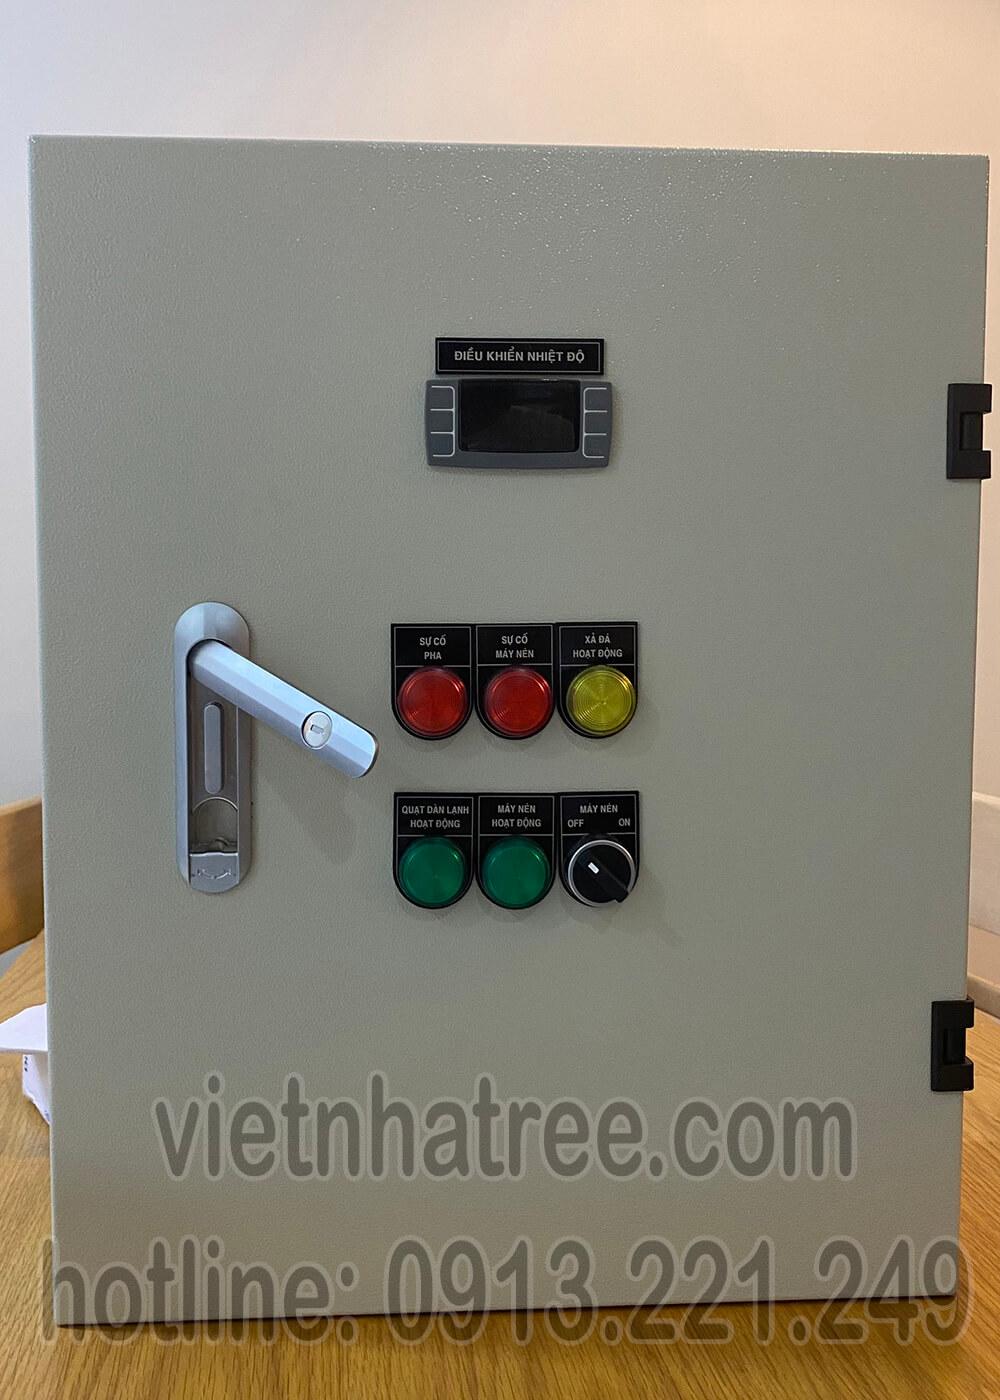 Cung cấp tủ điện điều khiển Kho lạnh